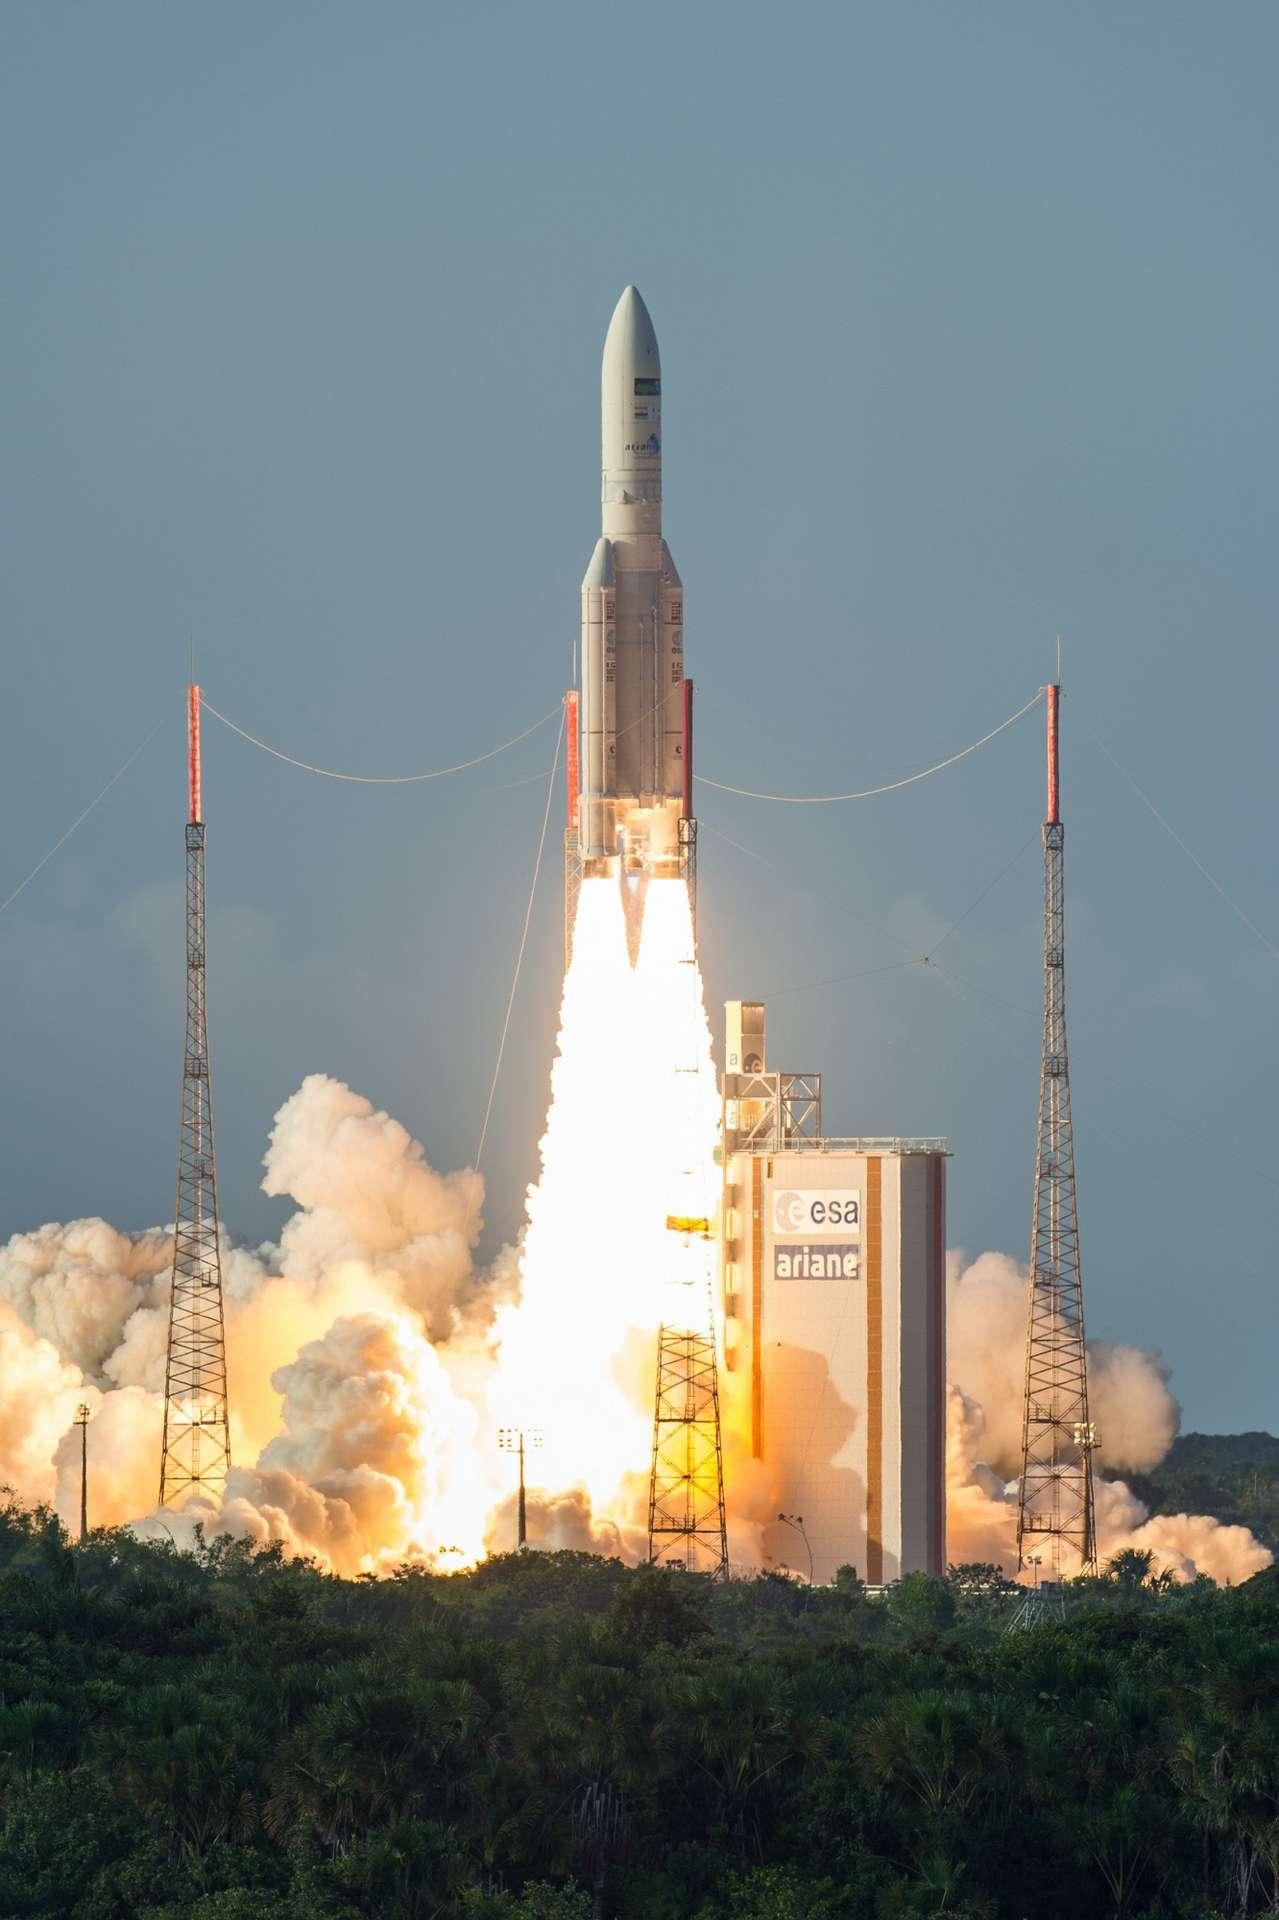 Une fusée Ariane 5 au décollage du Centre spatial guyanais à Kourou en 2016. © Arianespace